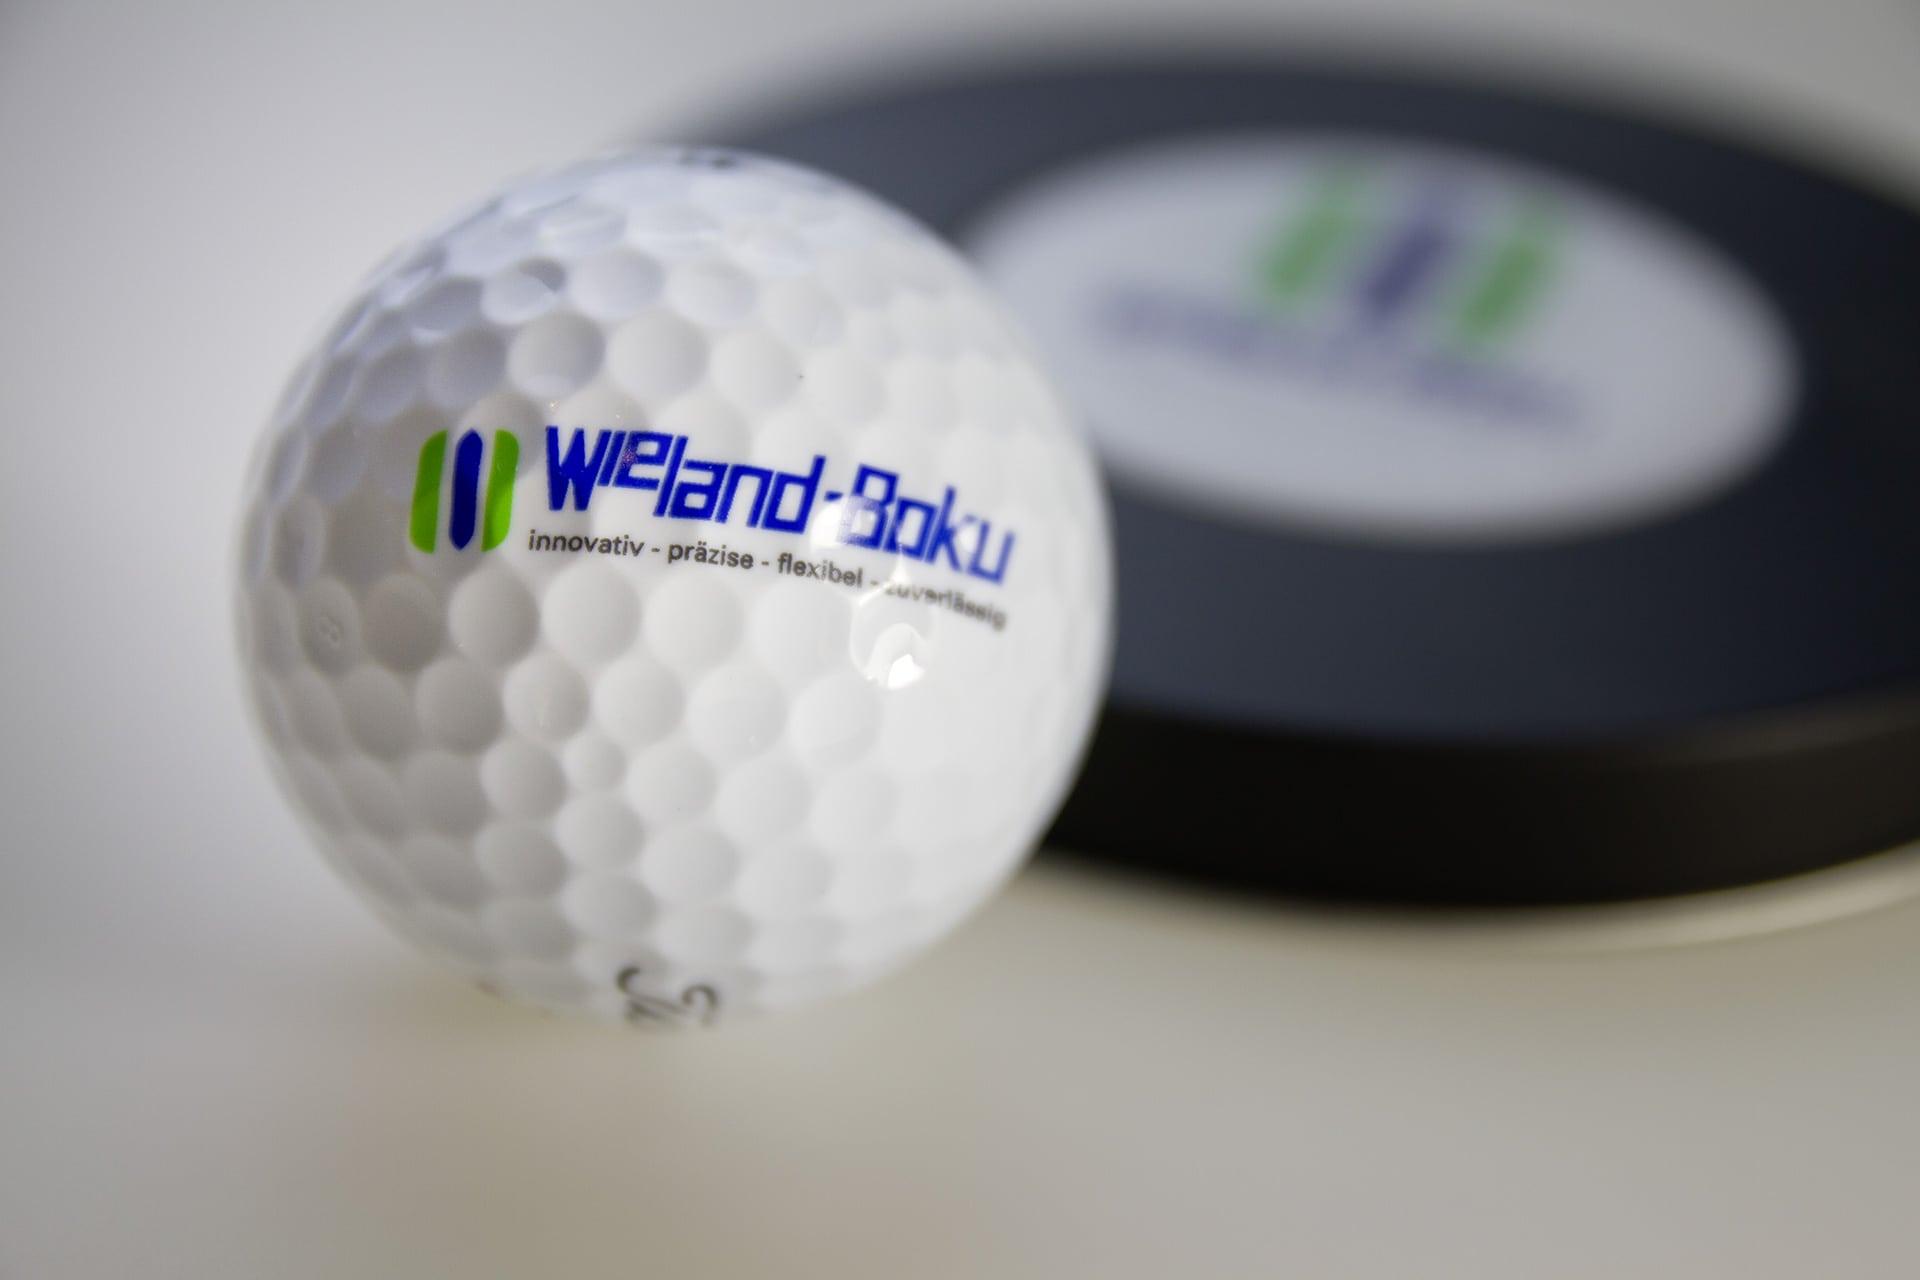 Golfball für die Wieland-Boku AG in der Schweiz